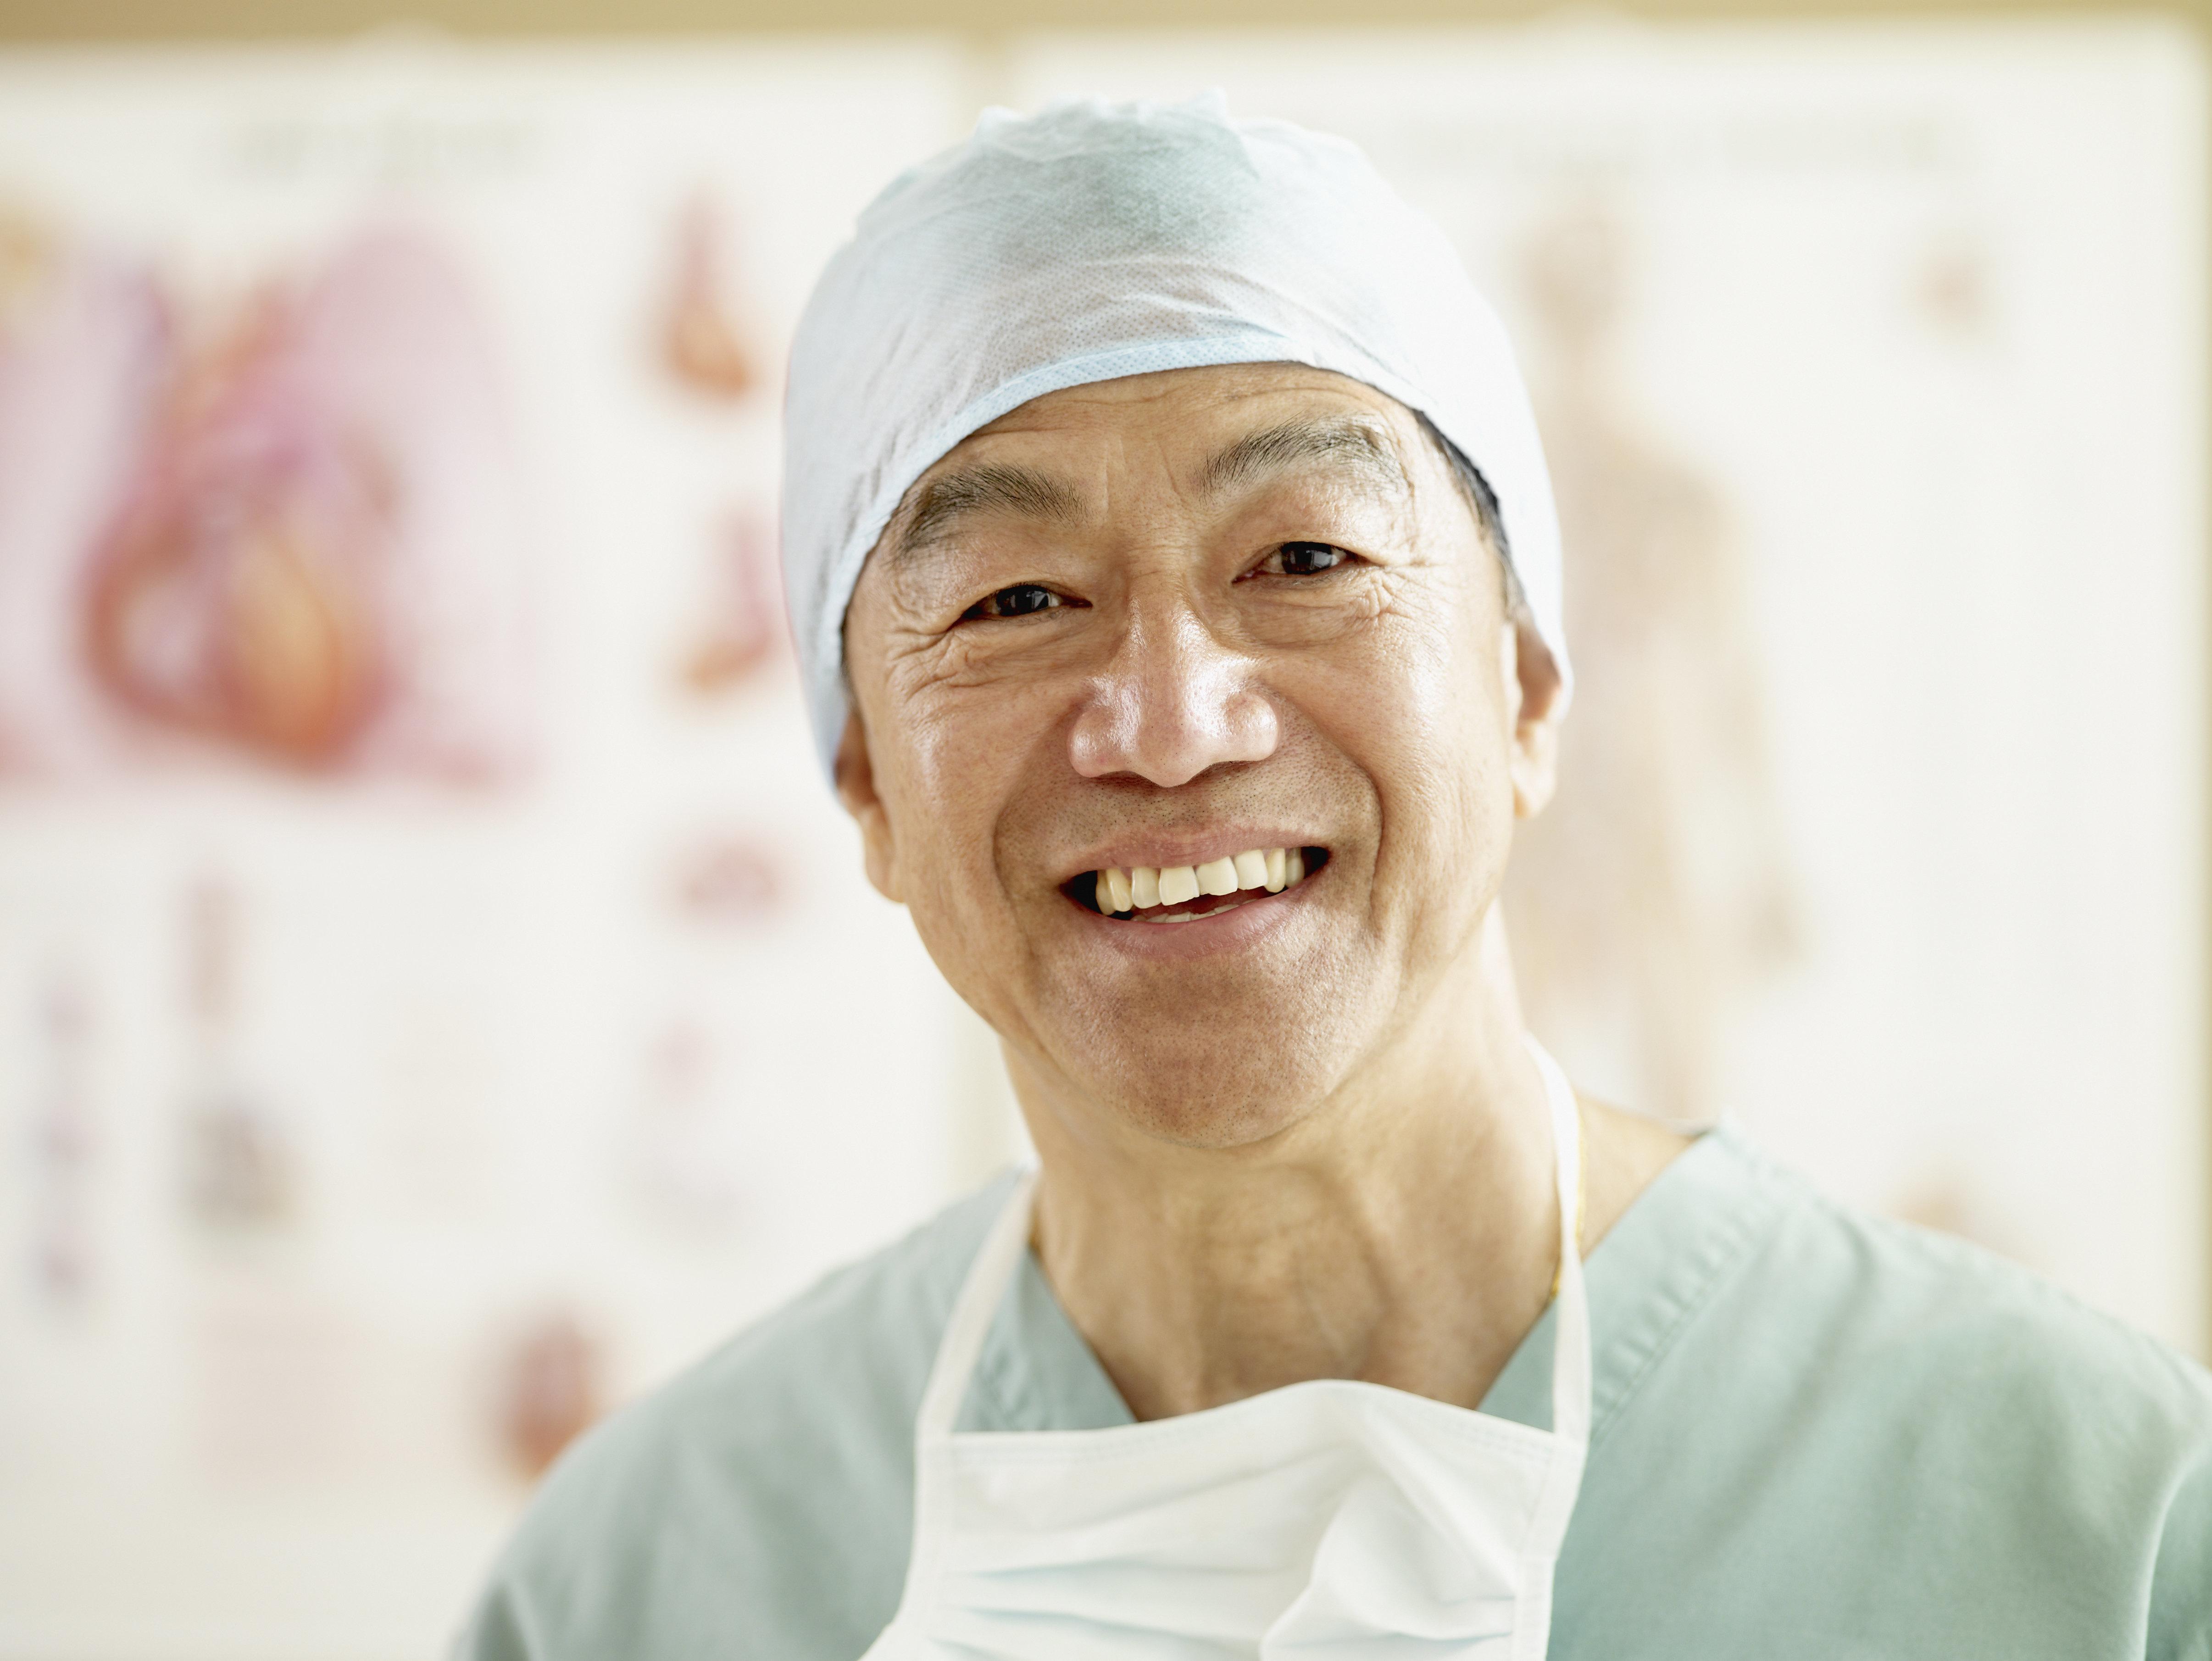 의사 나이와 수술 사망률에 상관관계가 있다는 연구가